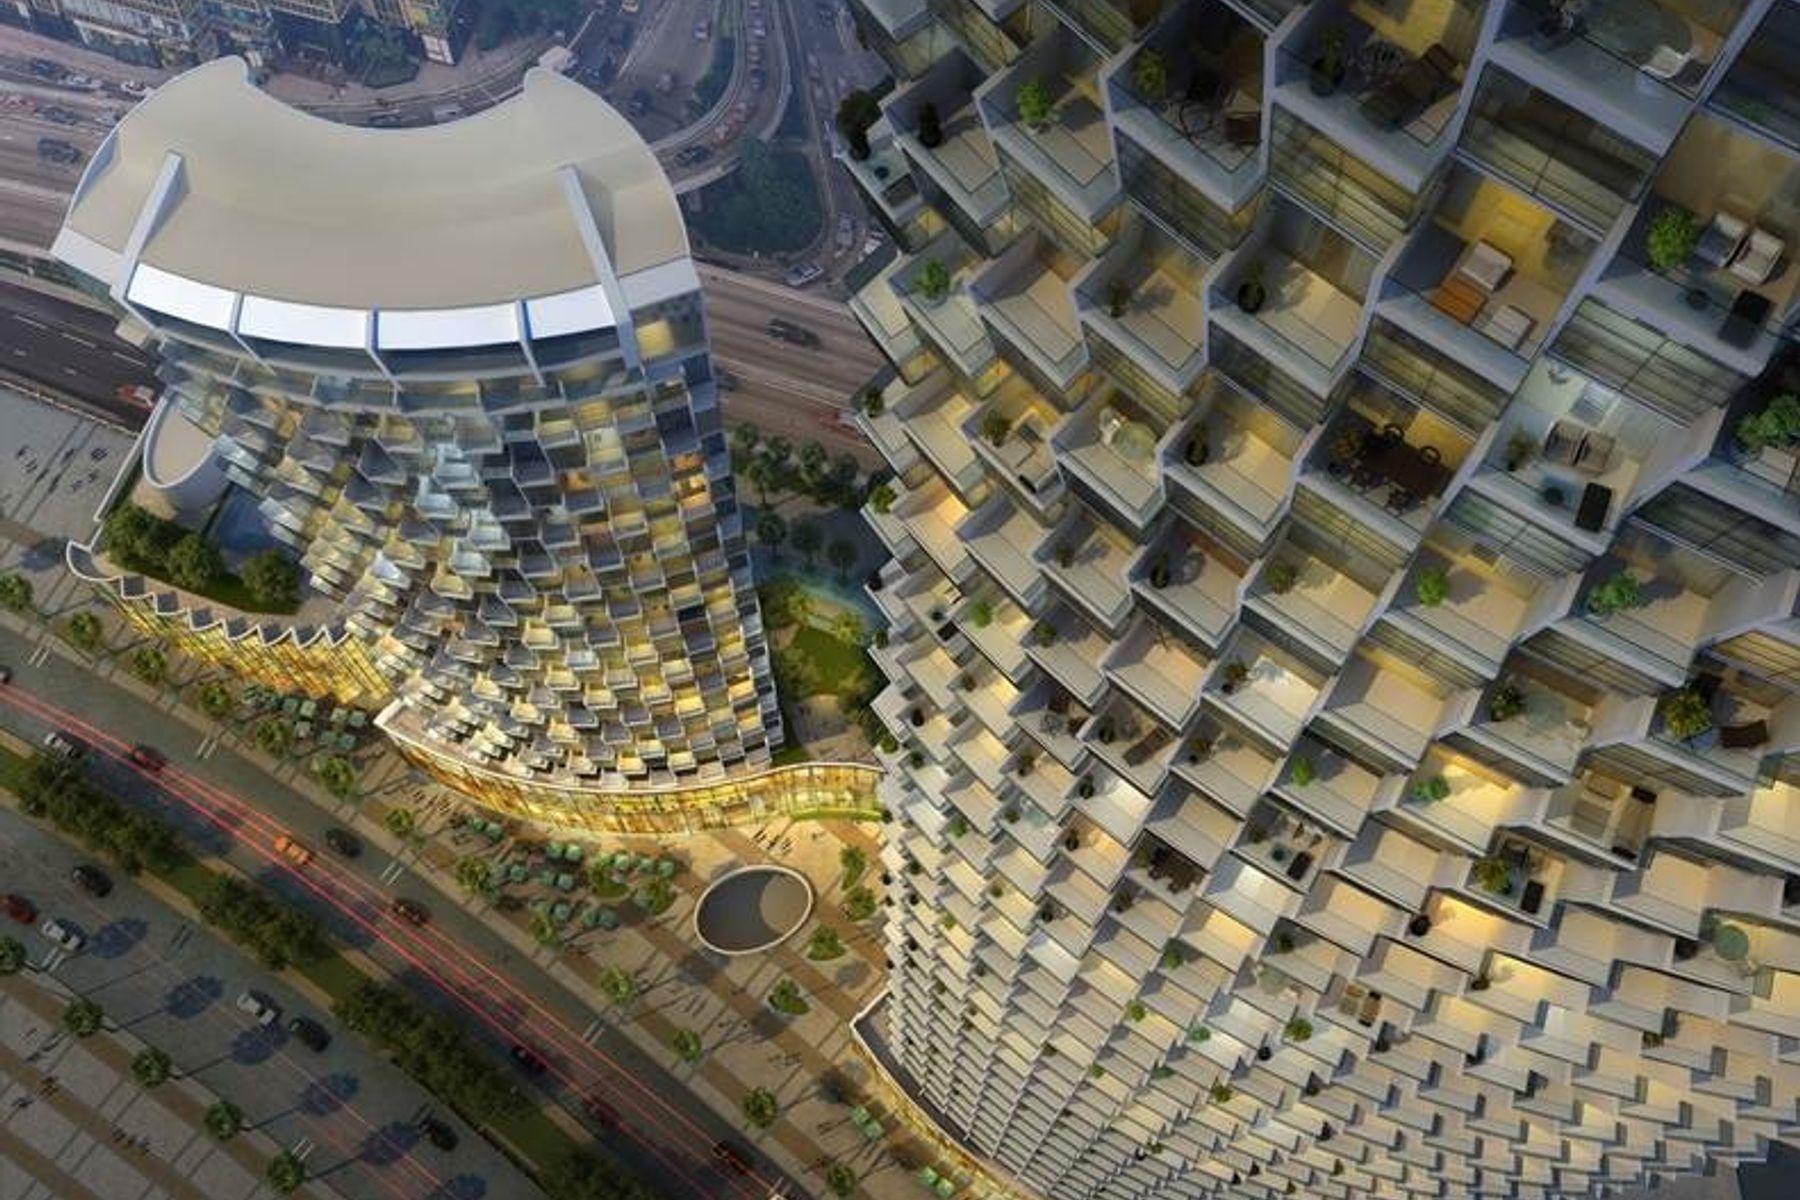 للبيع - شقة - برج فيستا - دبي وسط المدينة